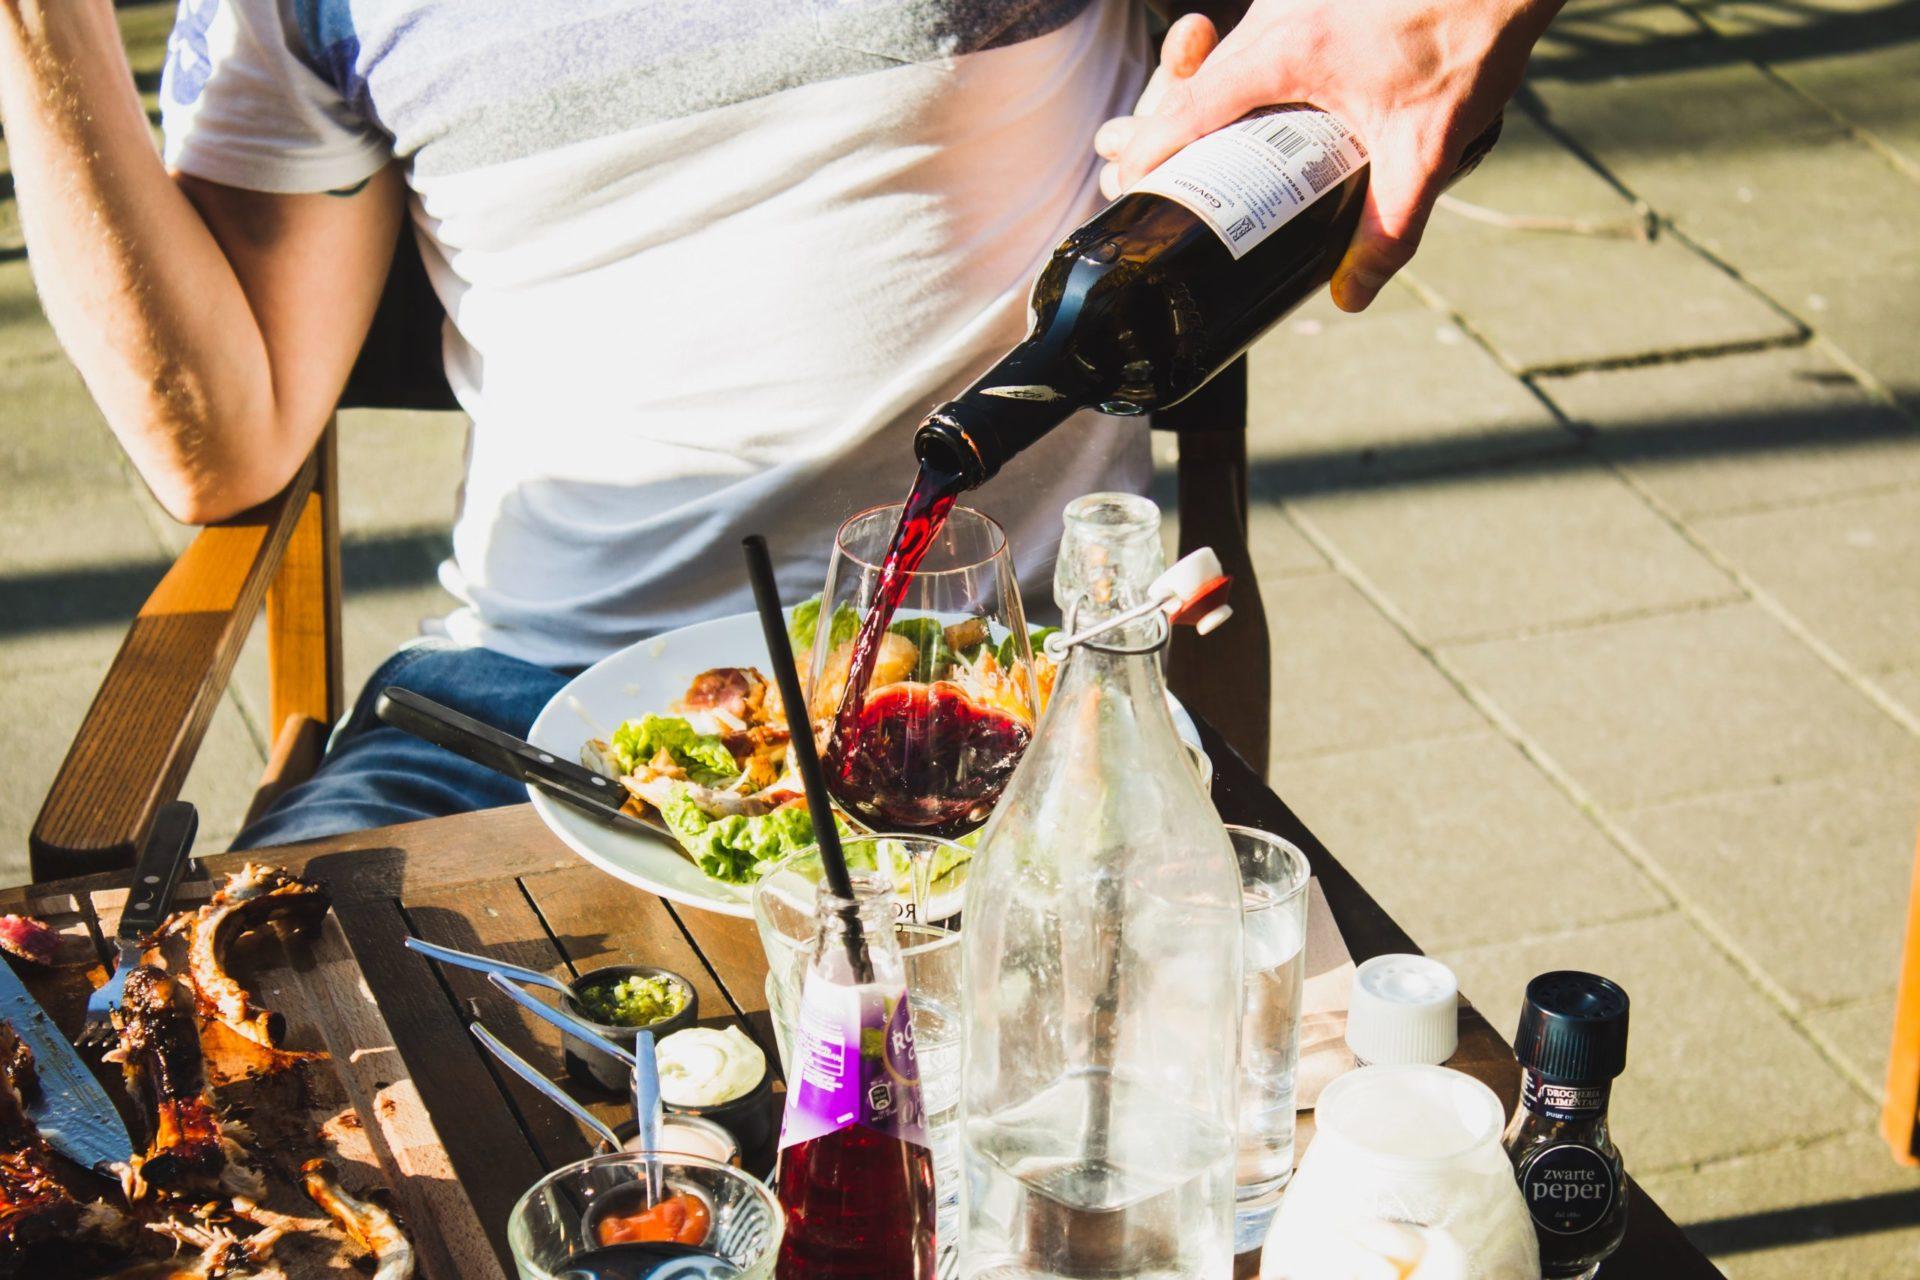 ワインは開栓したらいつまでに飲めばいい?